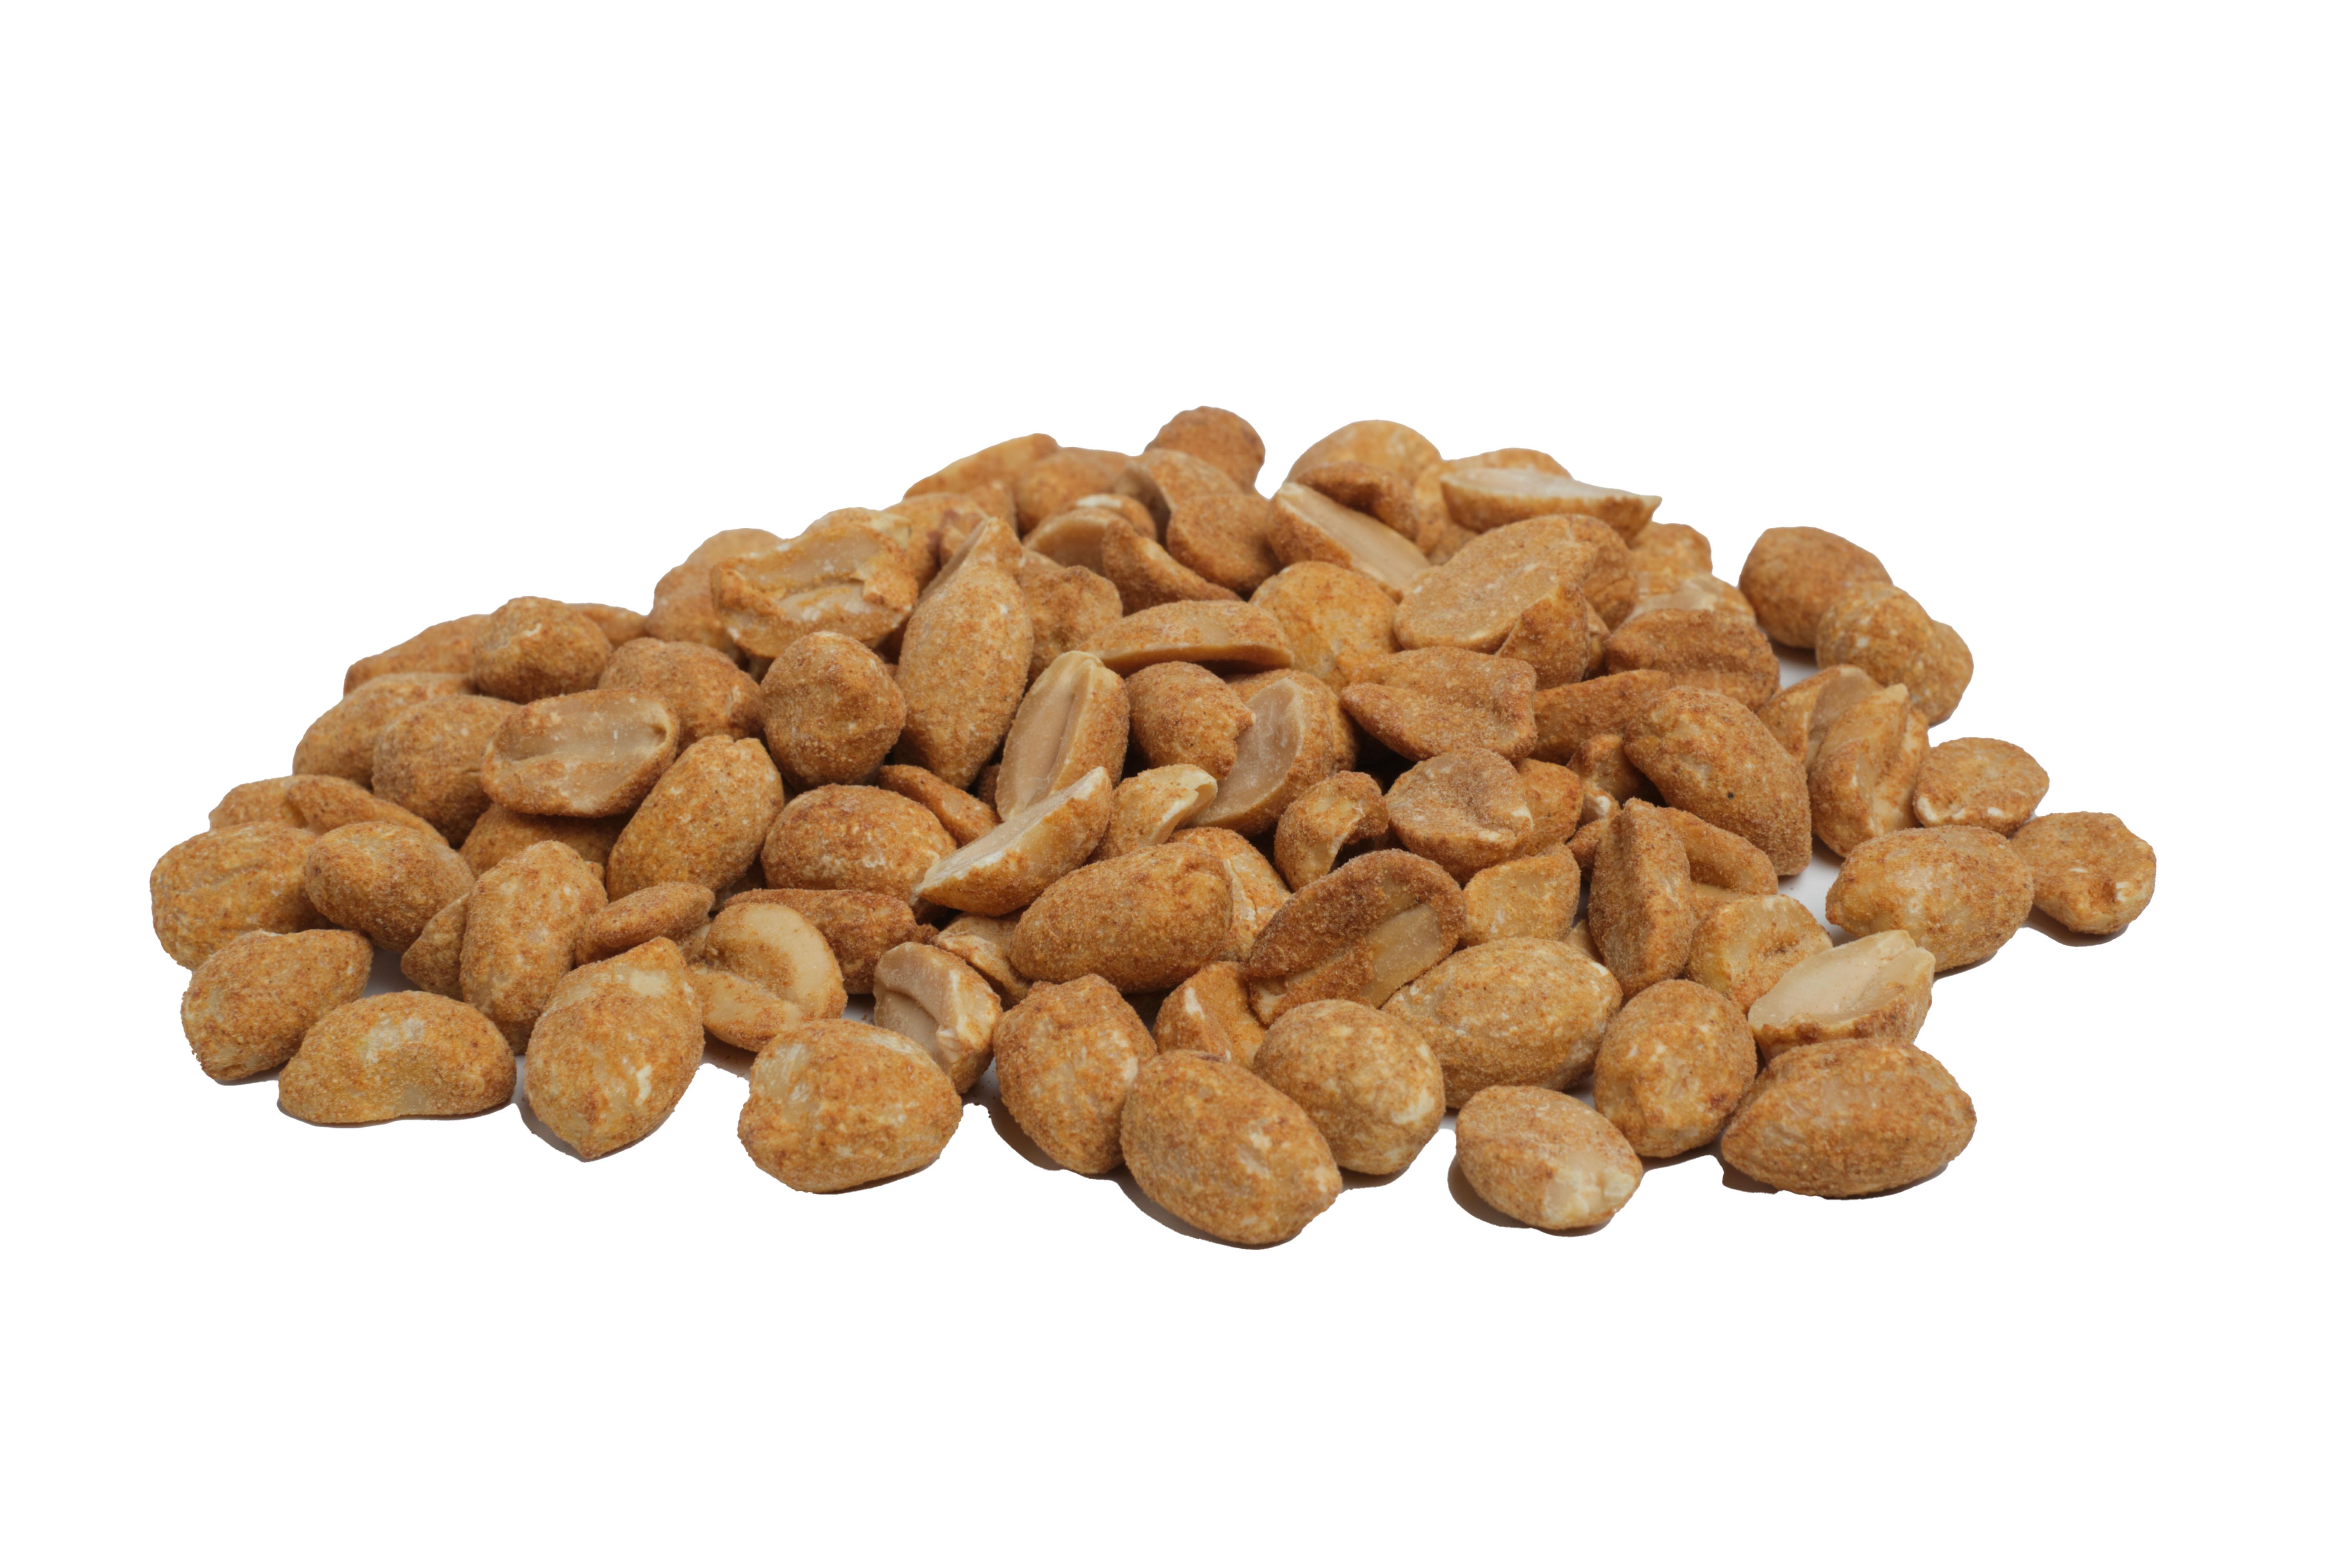 pile-dry-roasted-peanuts